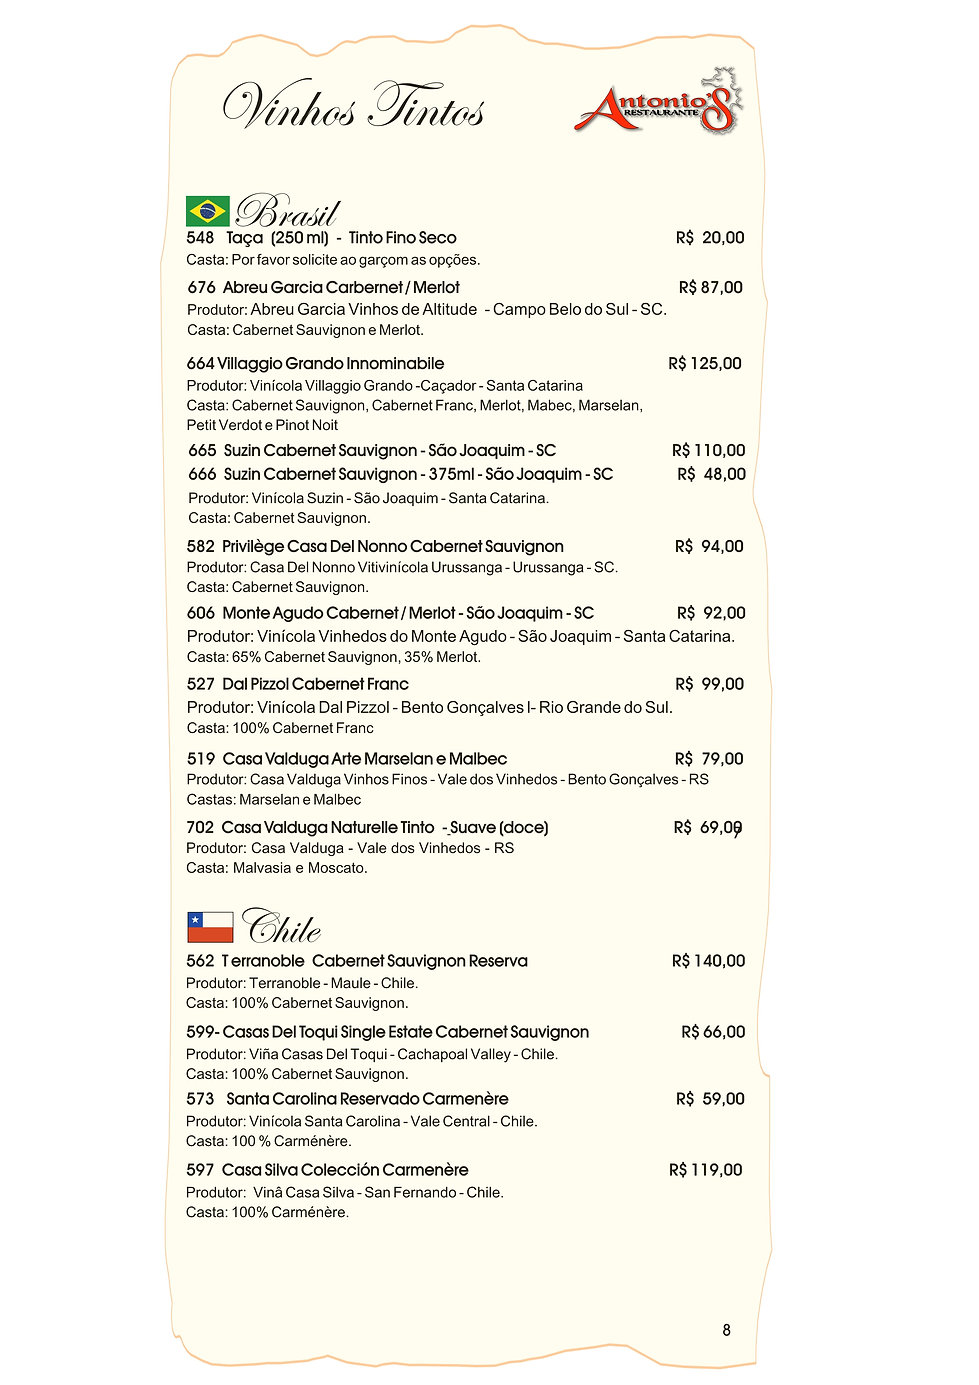 Carta de vinhos-PG-8.JPG